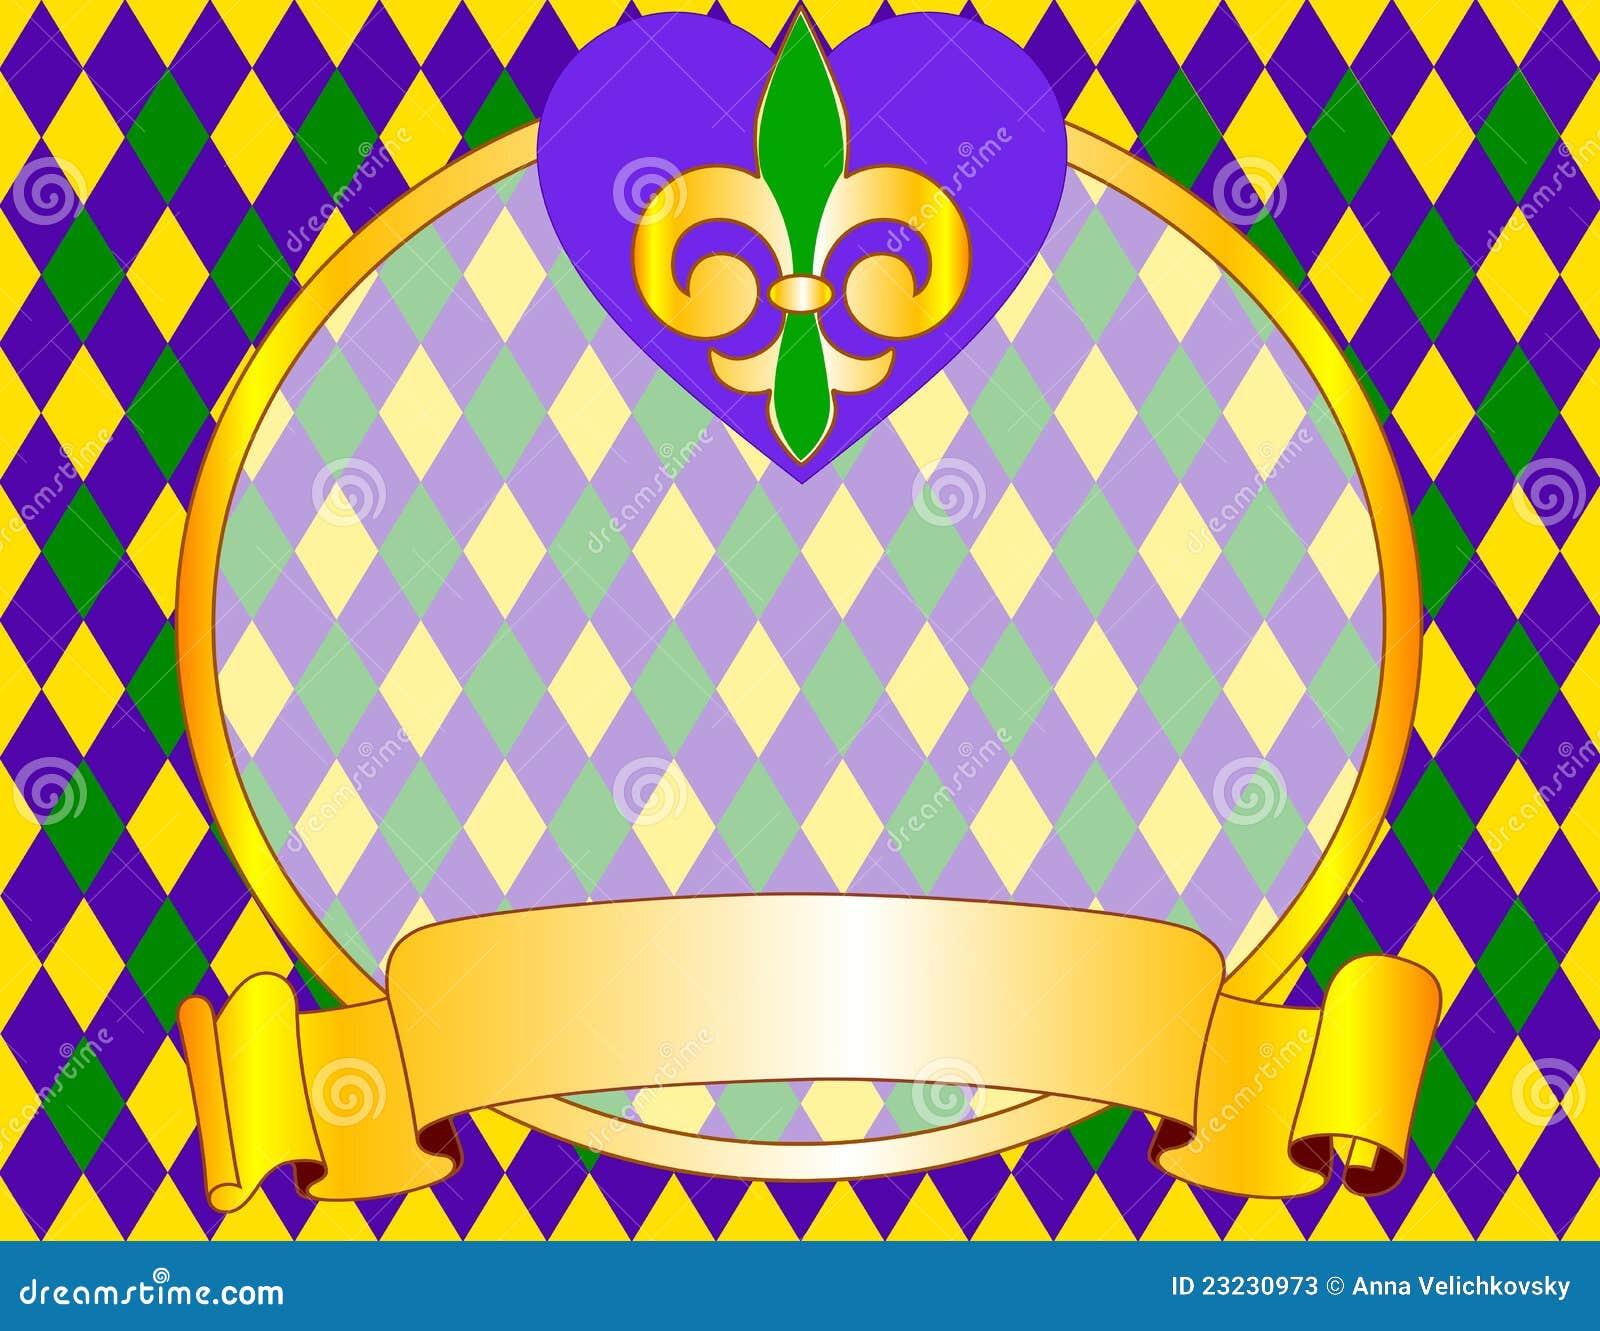 Dise o del fondo del carnaval fotos de archivo imagen - Diseno de fotos ...